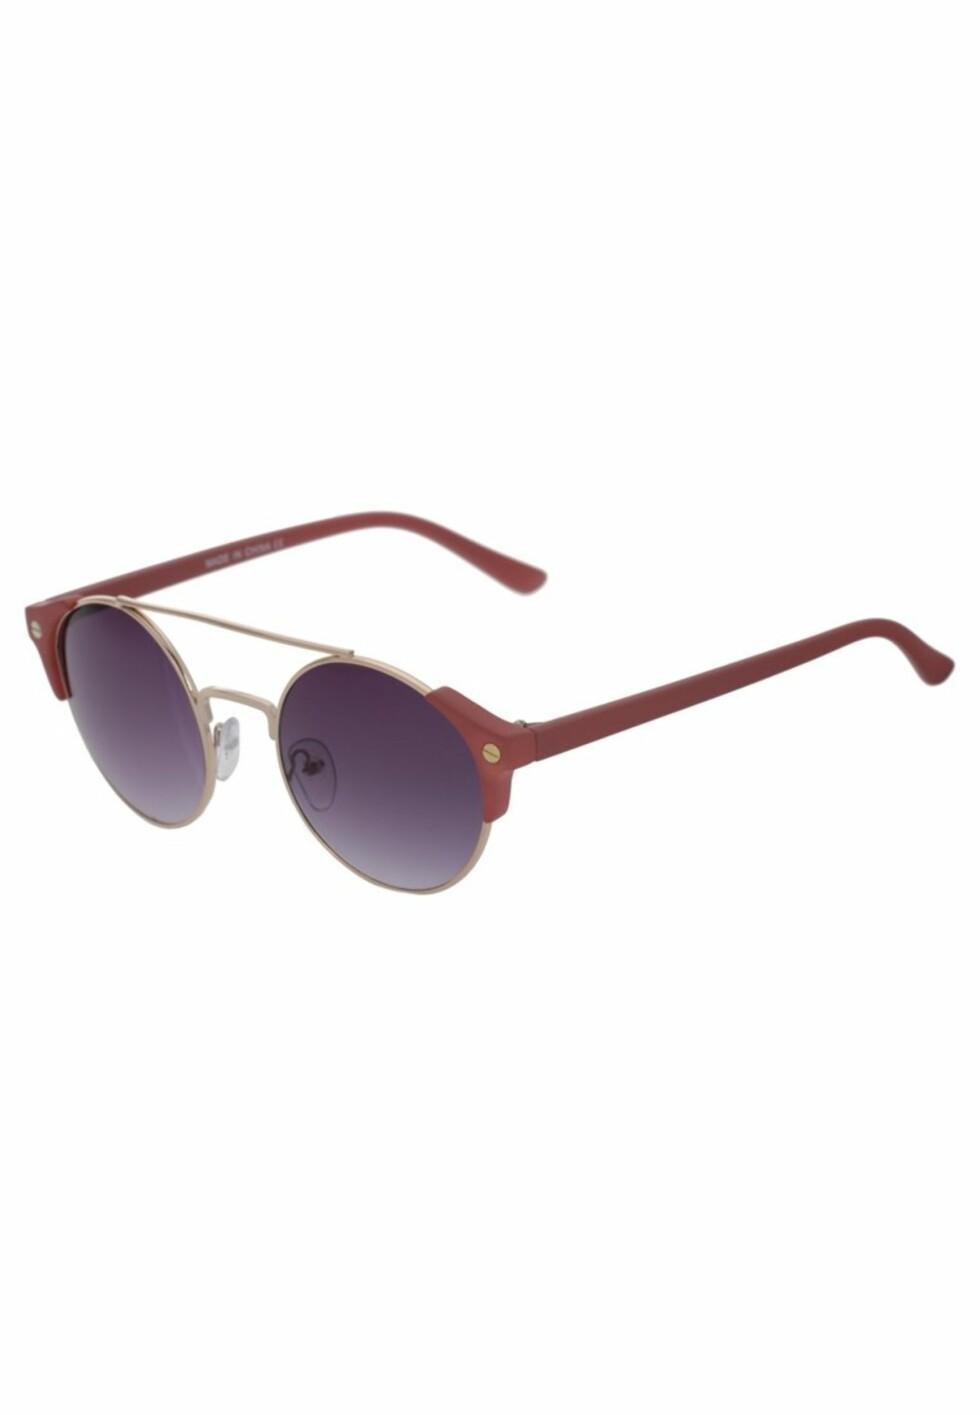 Solbriller fra Even&Odd via Zalando.no, kr 149. Foto: Zalando.no